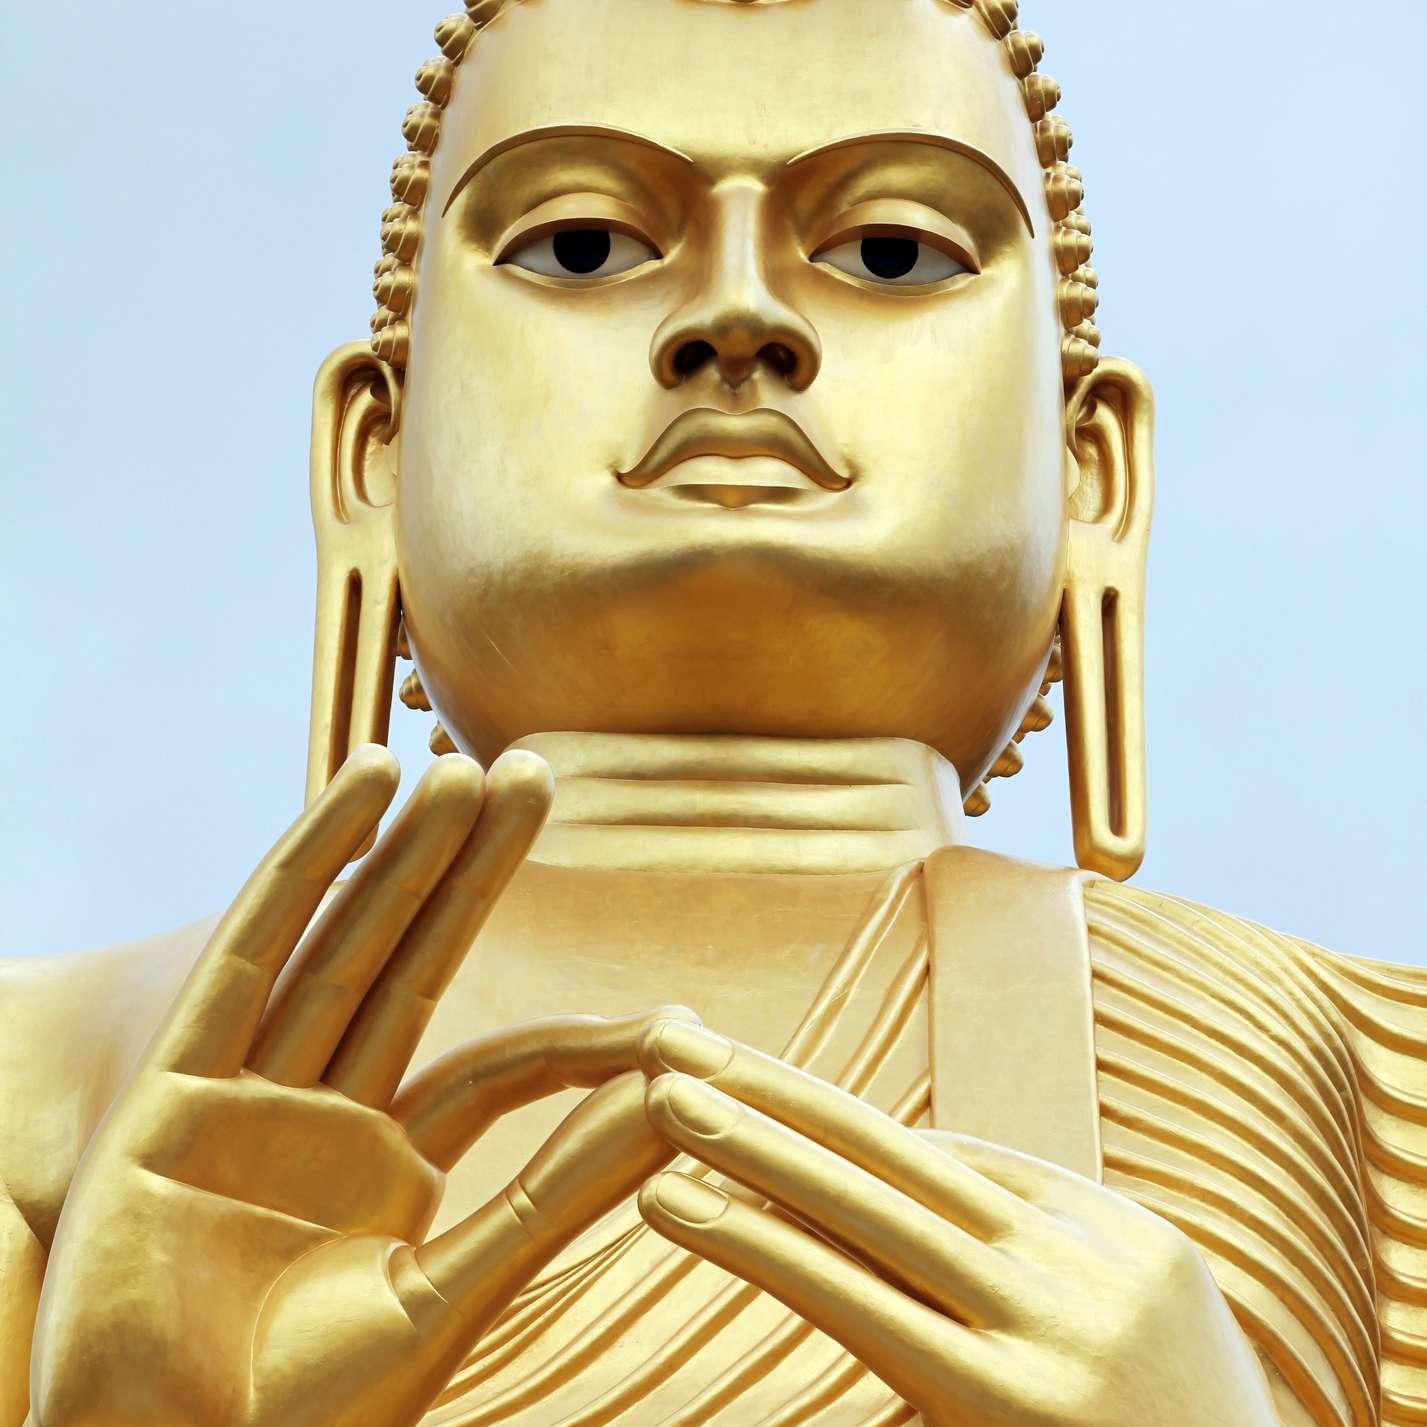 Golden Buddha Statue in Dambulla, Sri Lanka